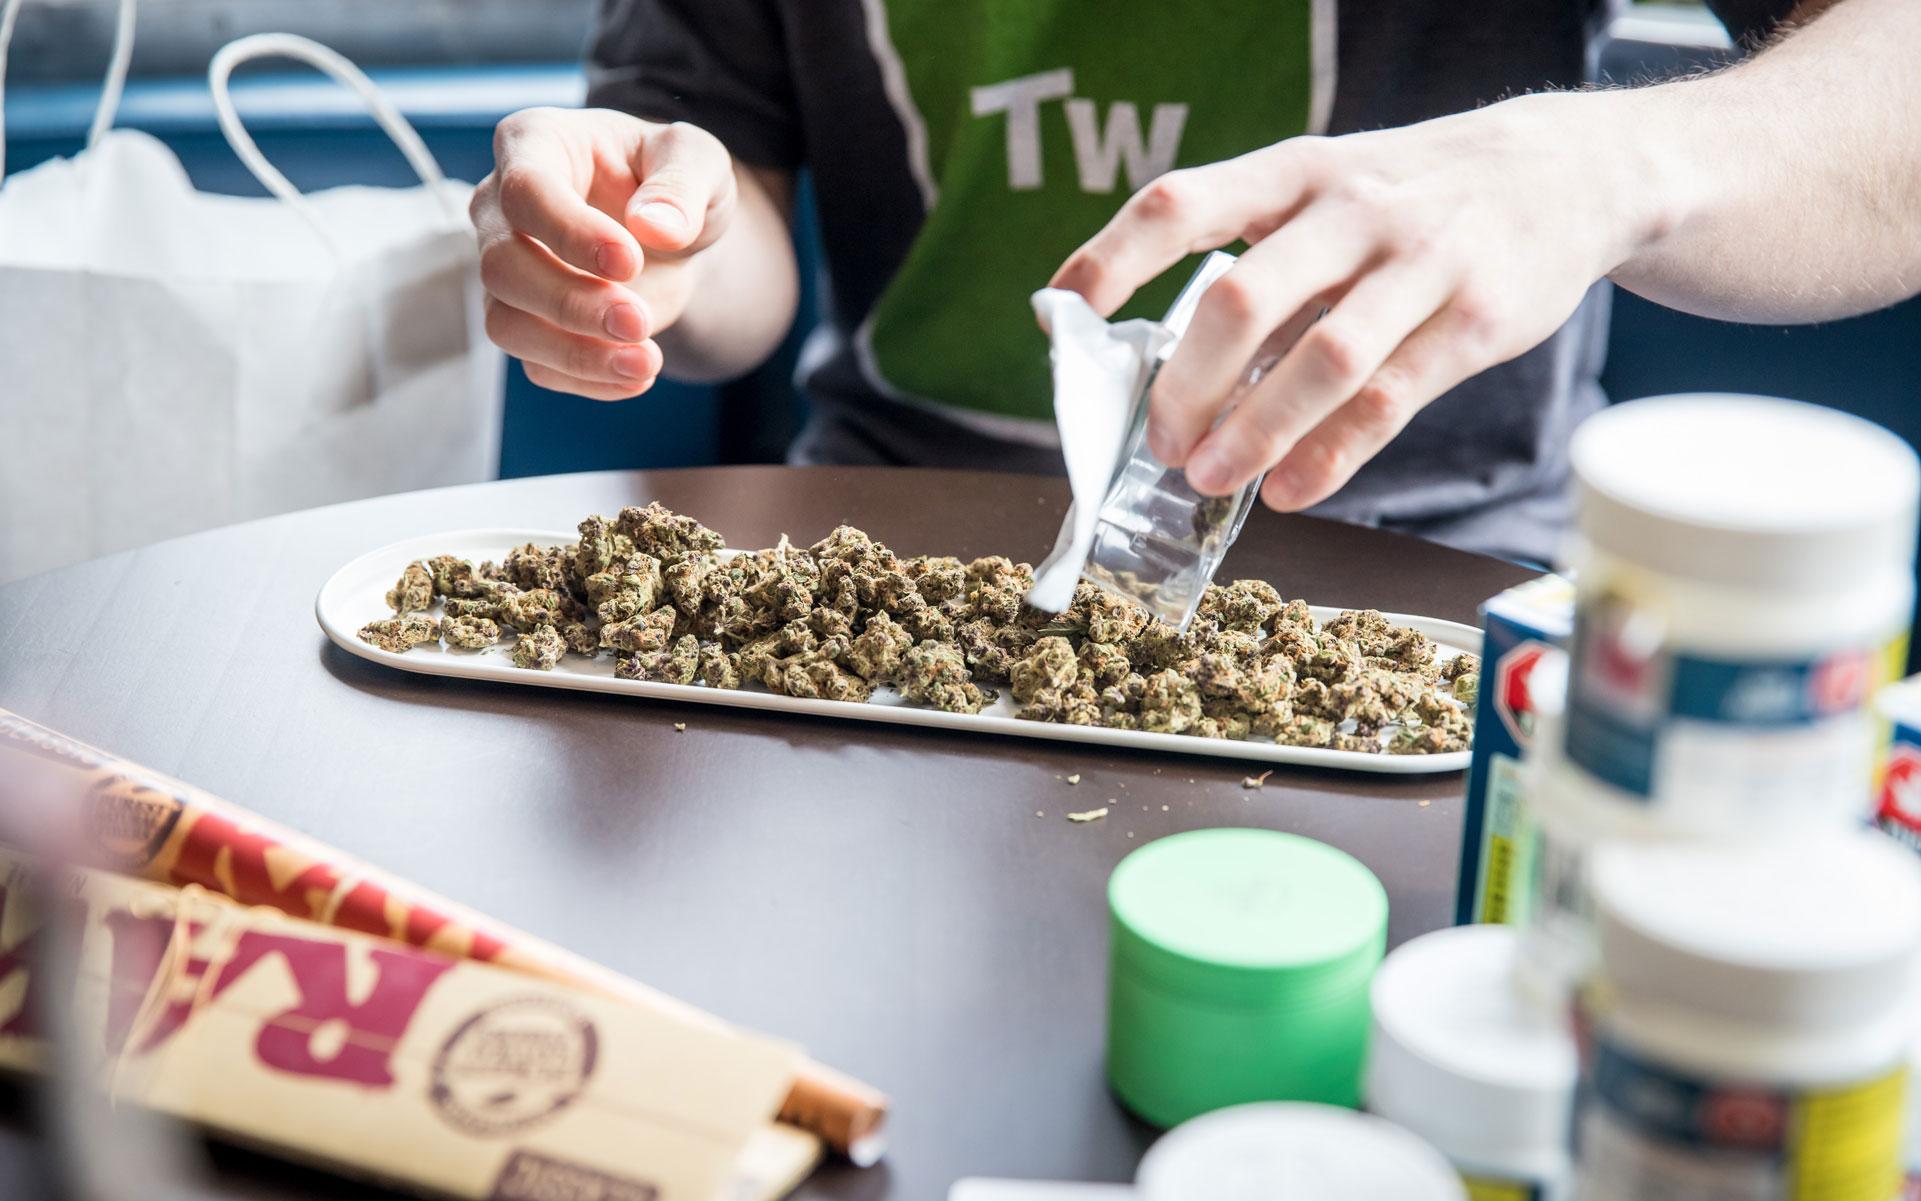 30 gram joint